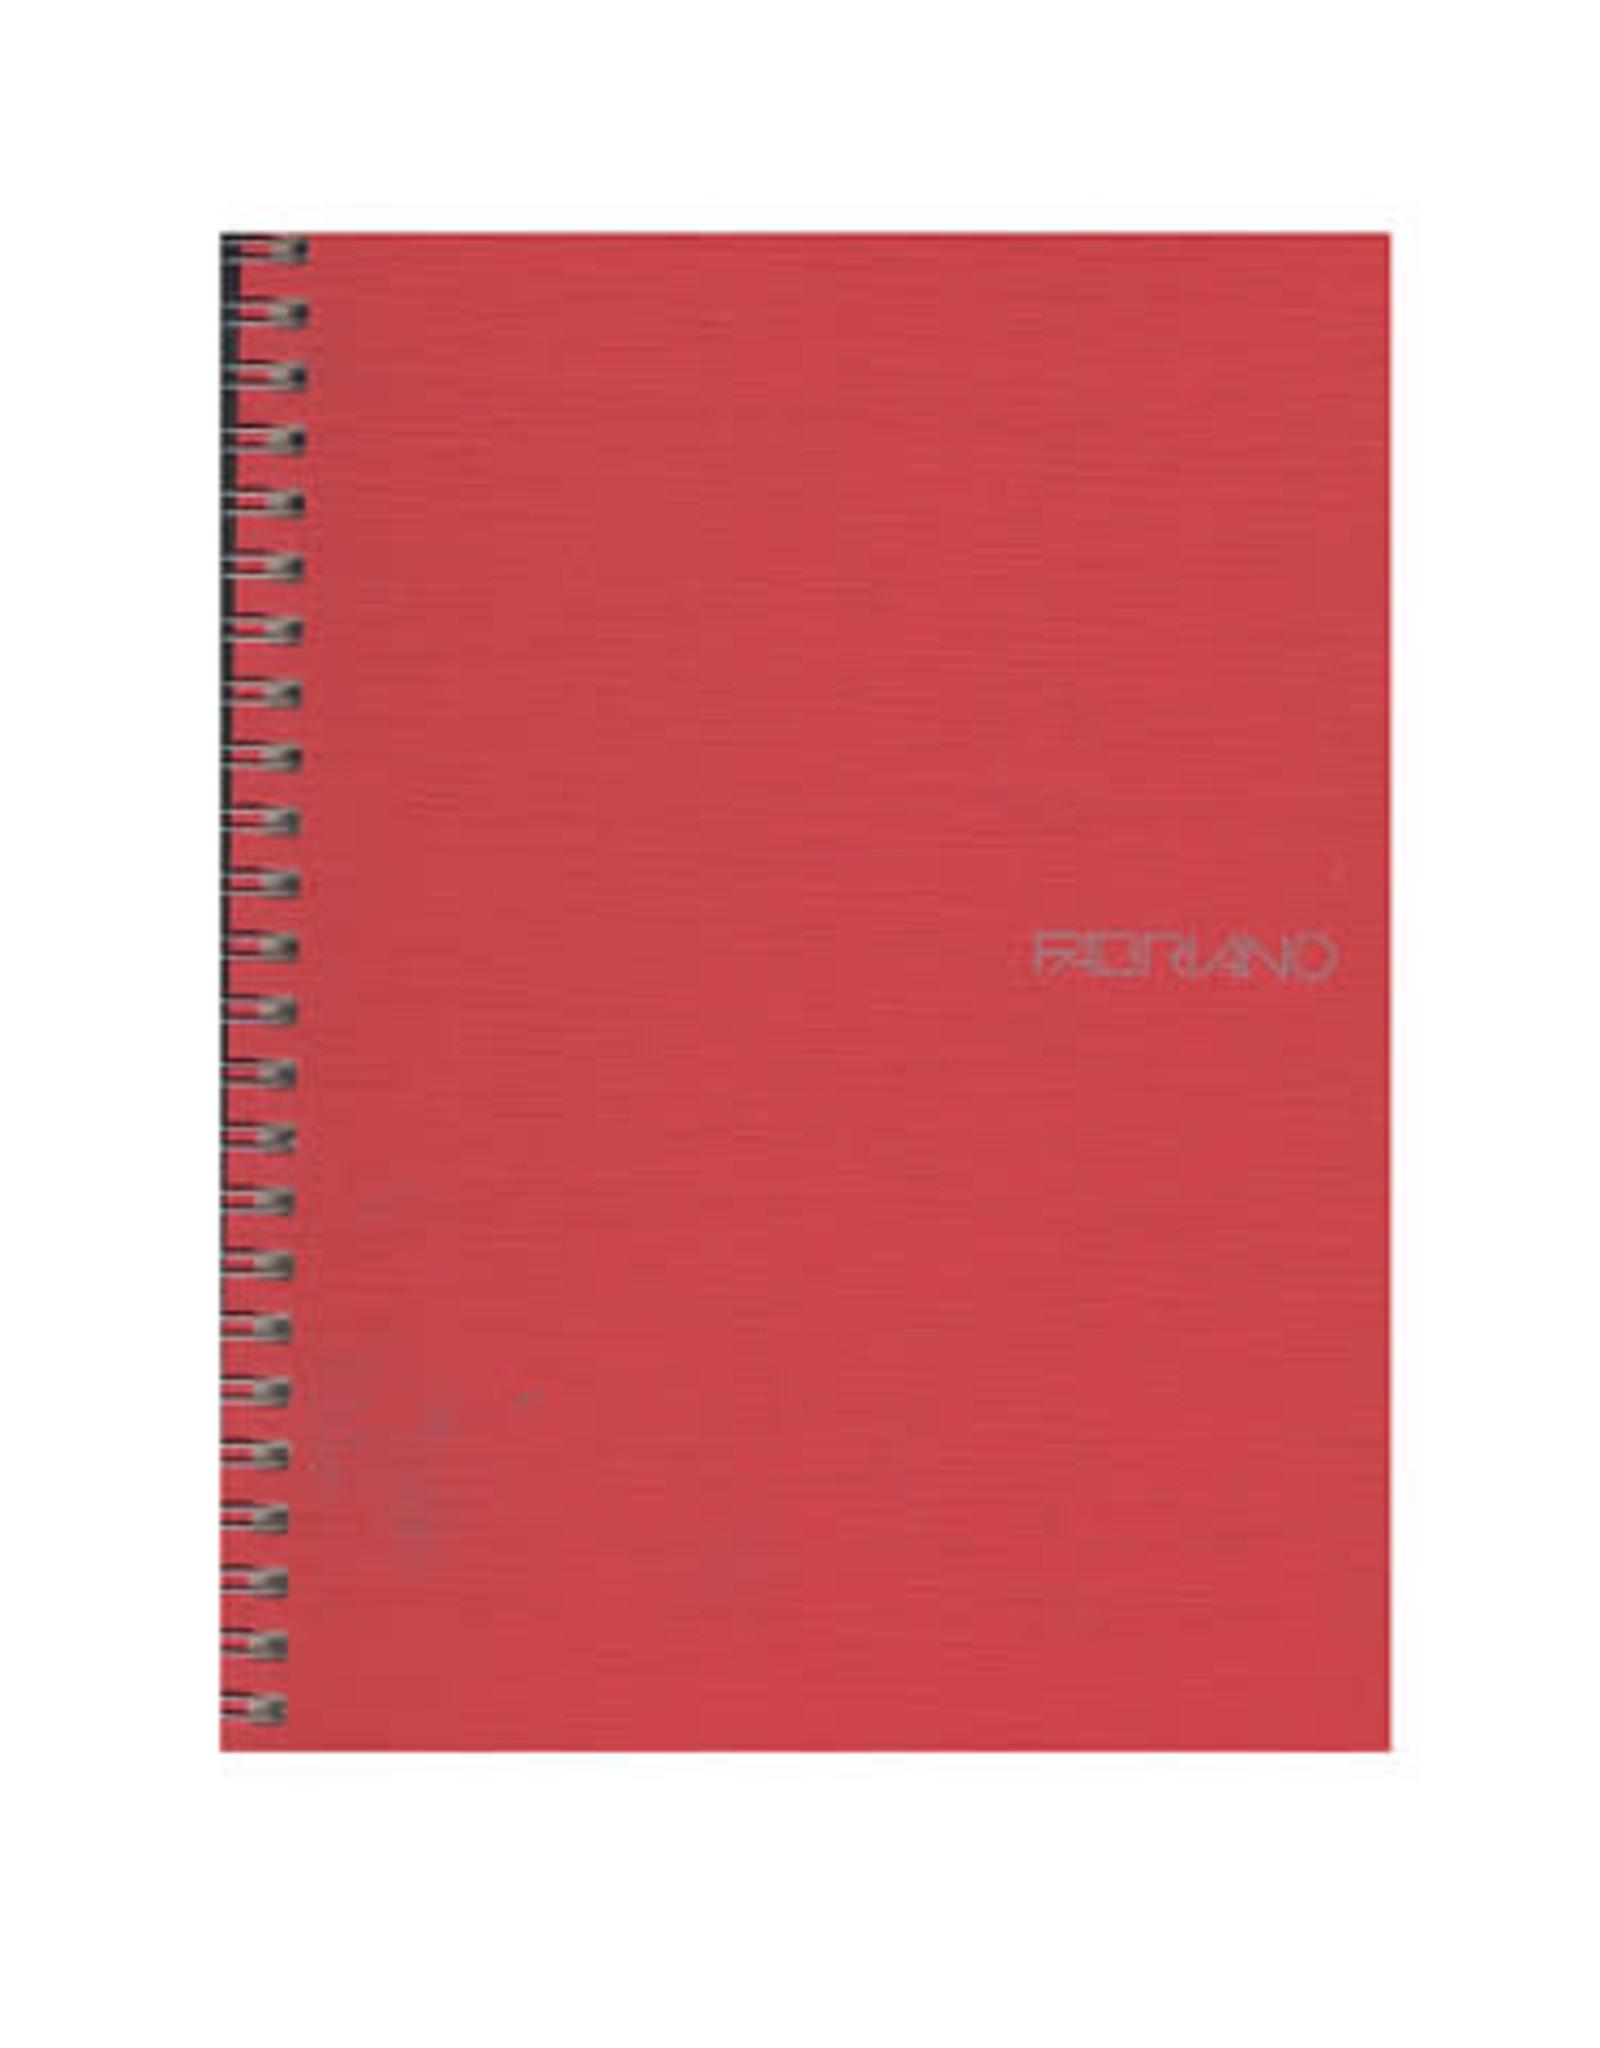 Fabriano Eco Qua Spiral Notebook -